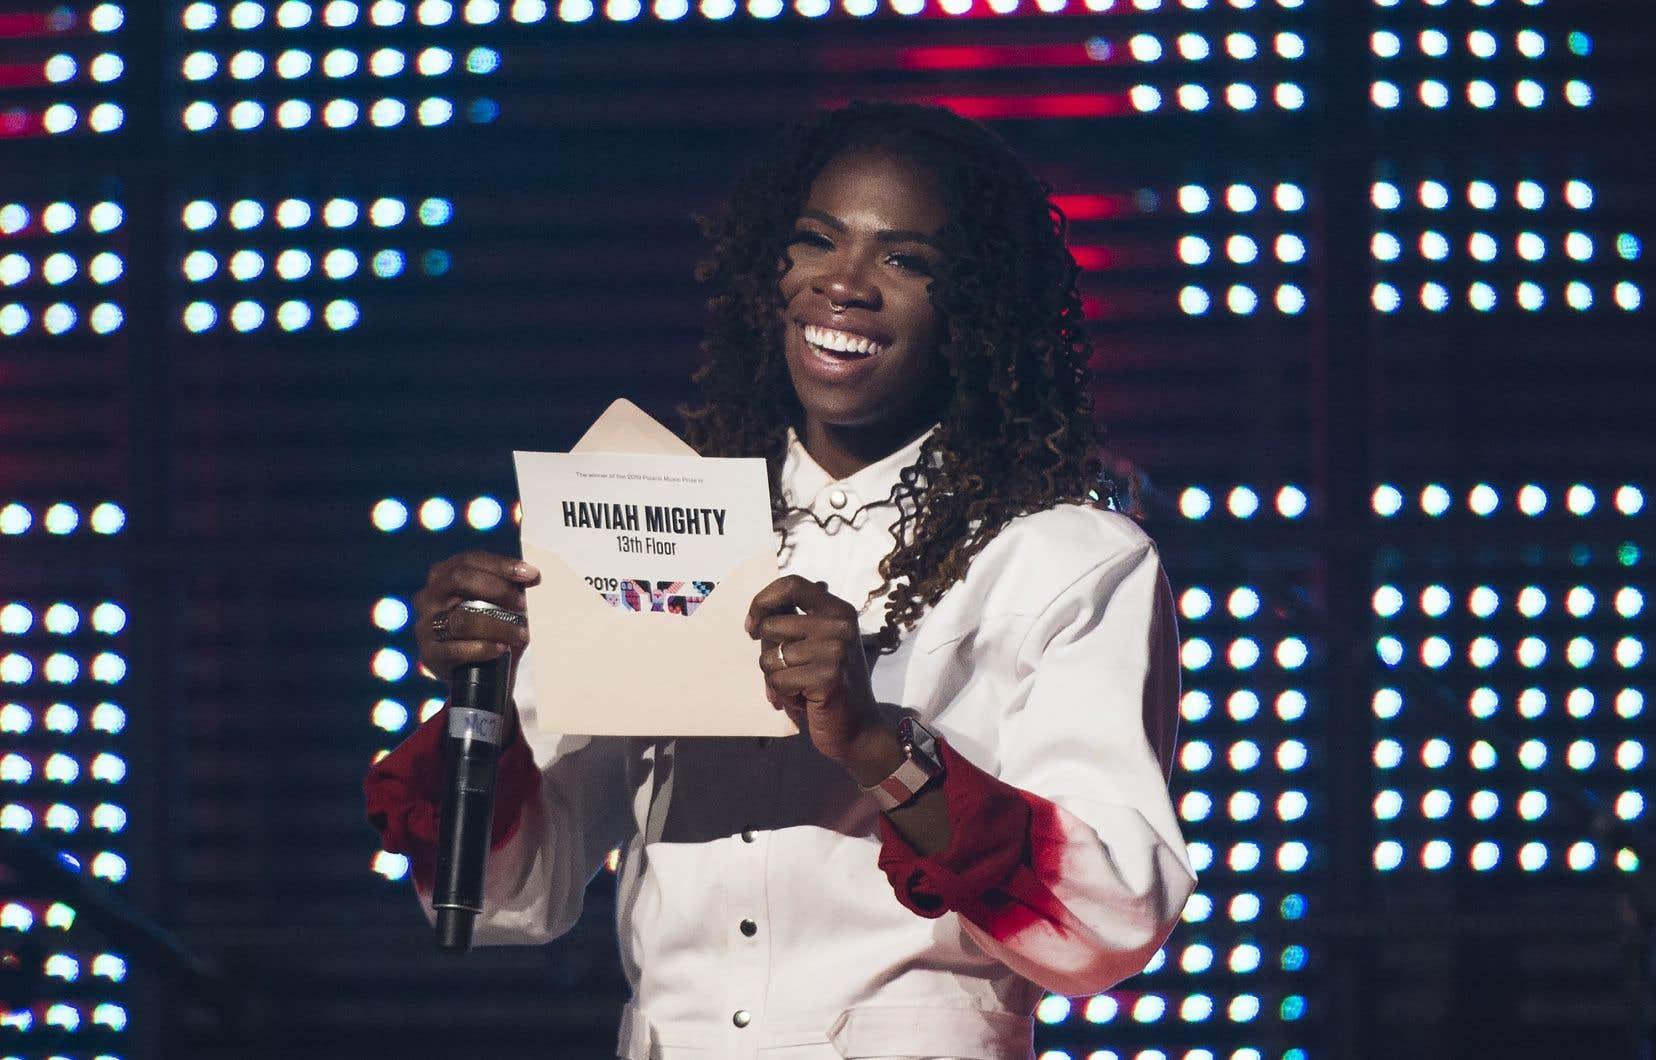 Haviah Mighty,rappeuse de 27 ans, témoigne dans ses chansons de sa réalité, notamment de femme noire.